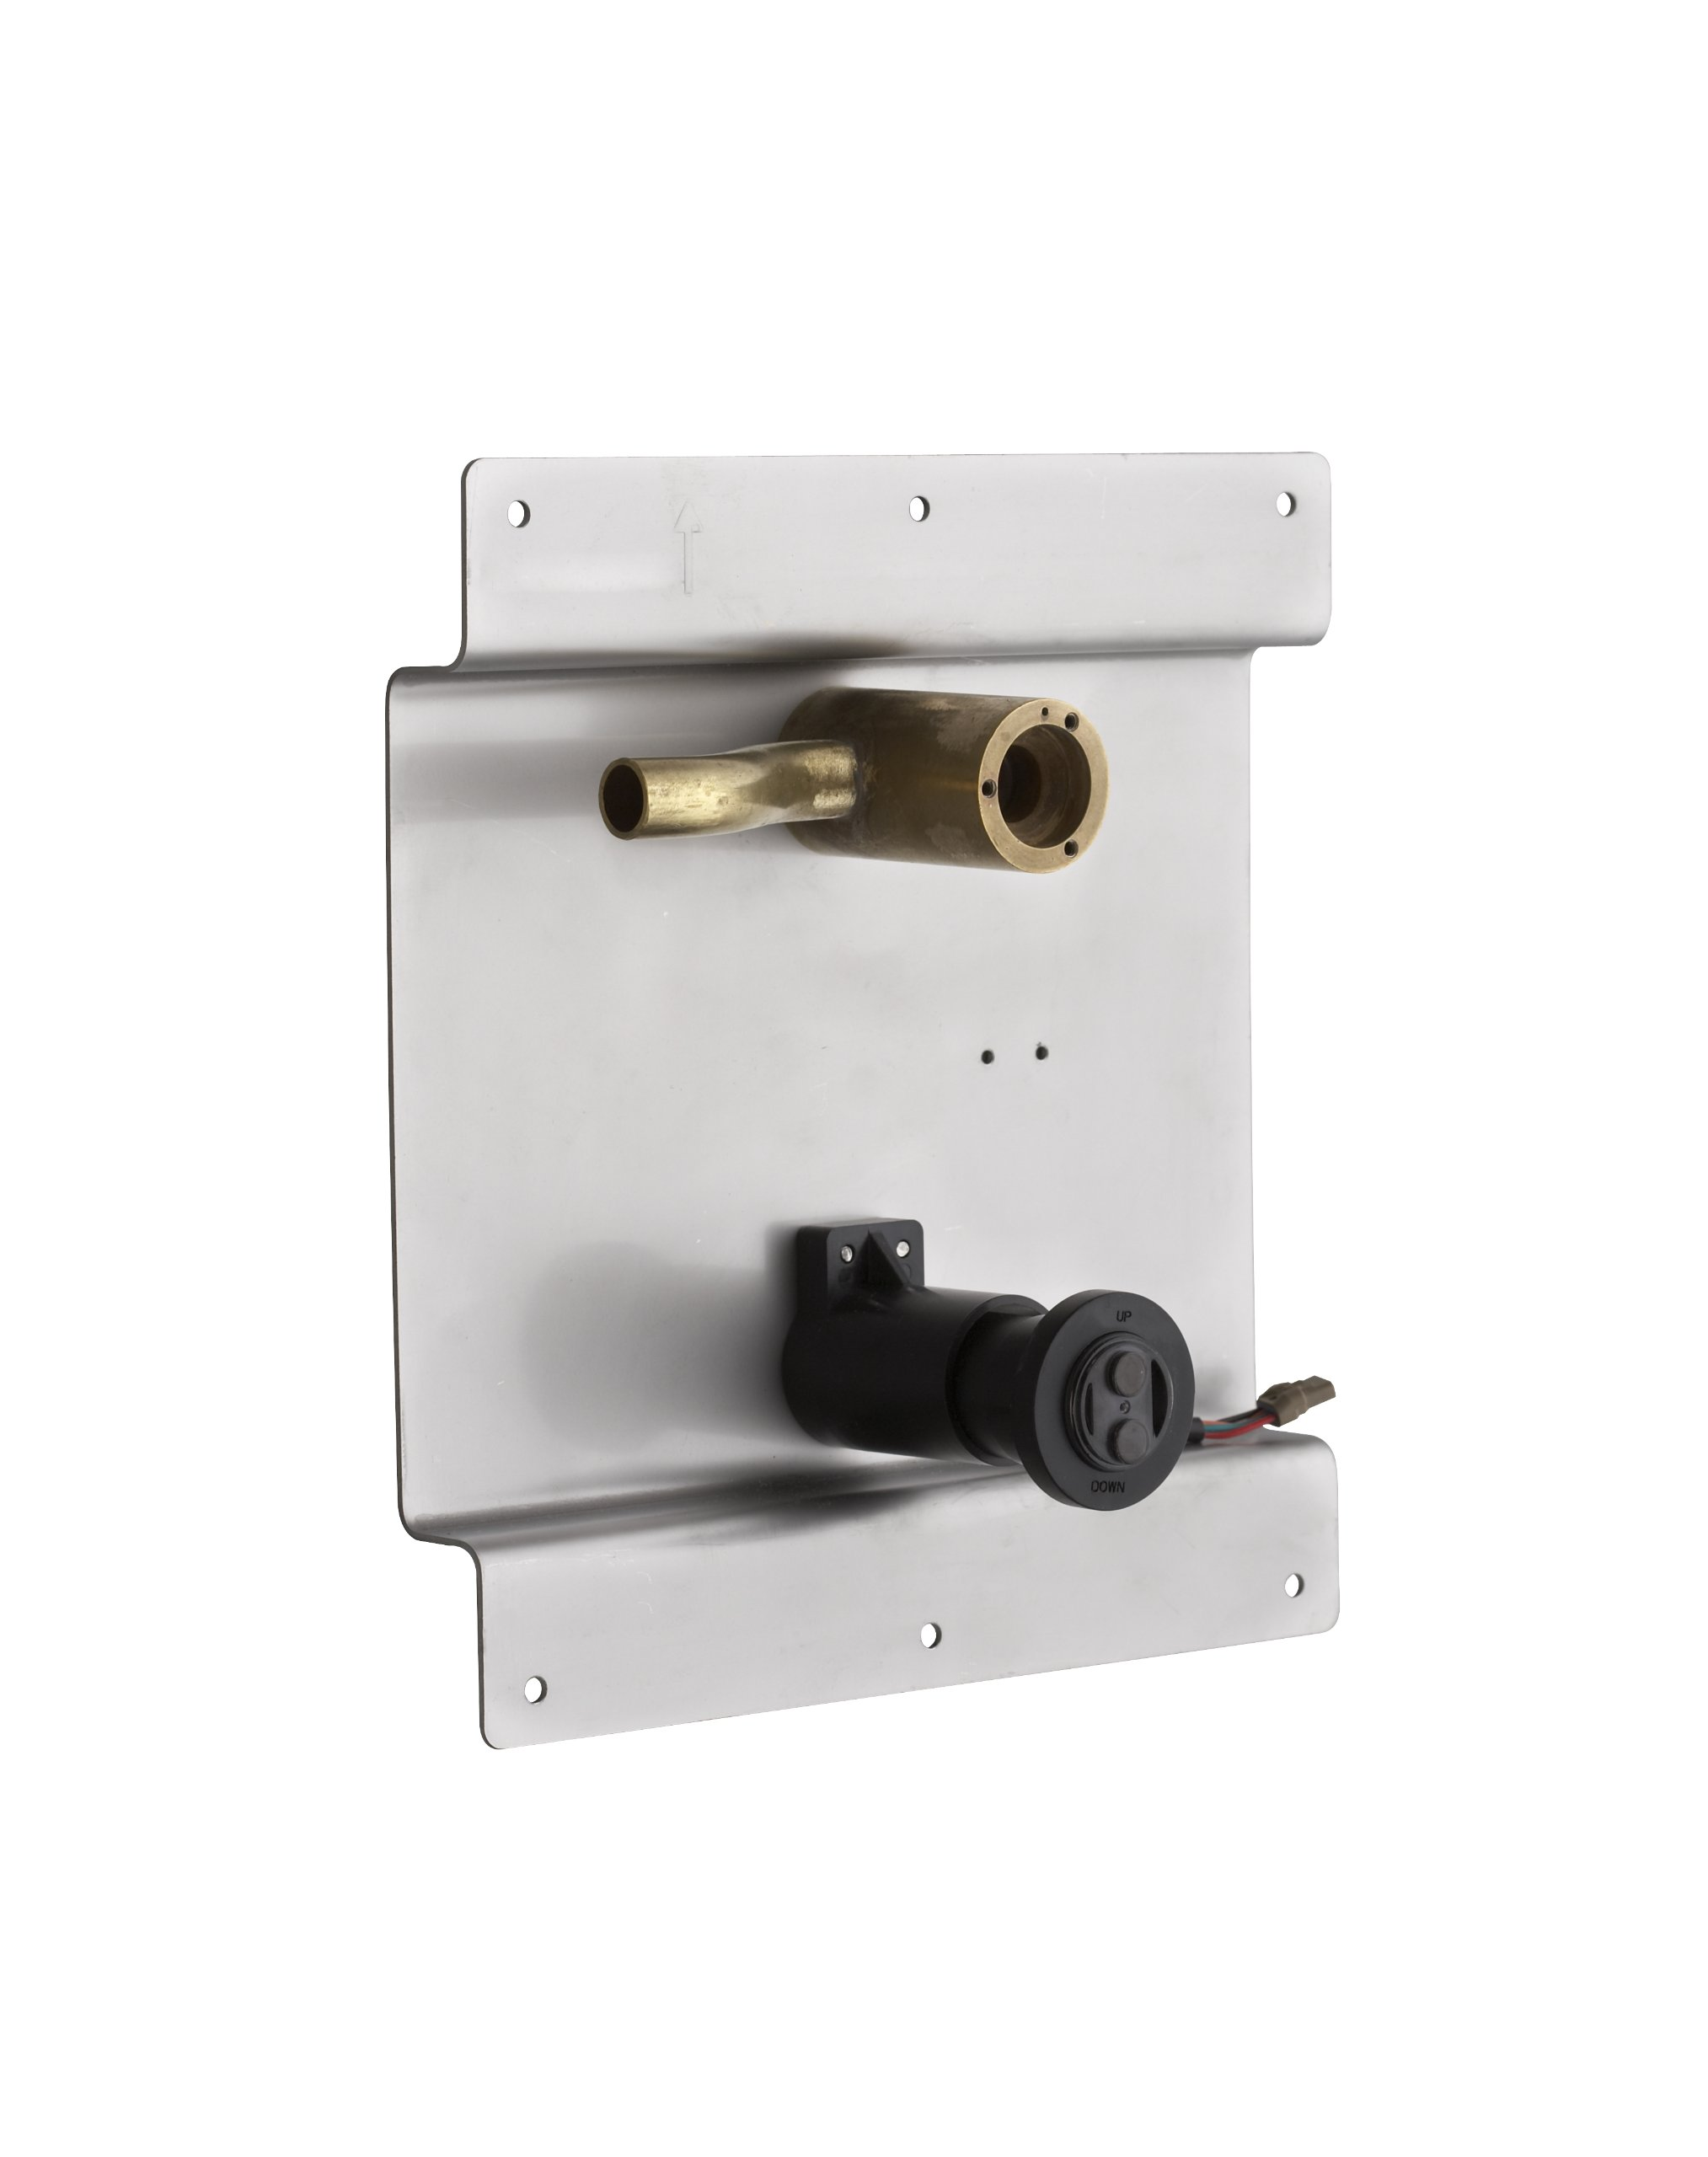 KOHLER K-11830-NA Round Hybrid Control Kit by Kohler